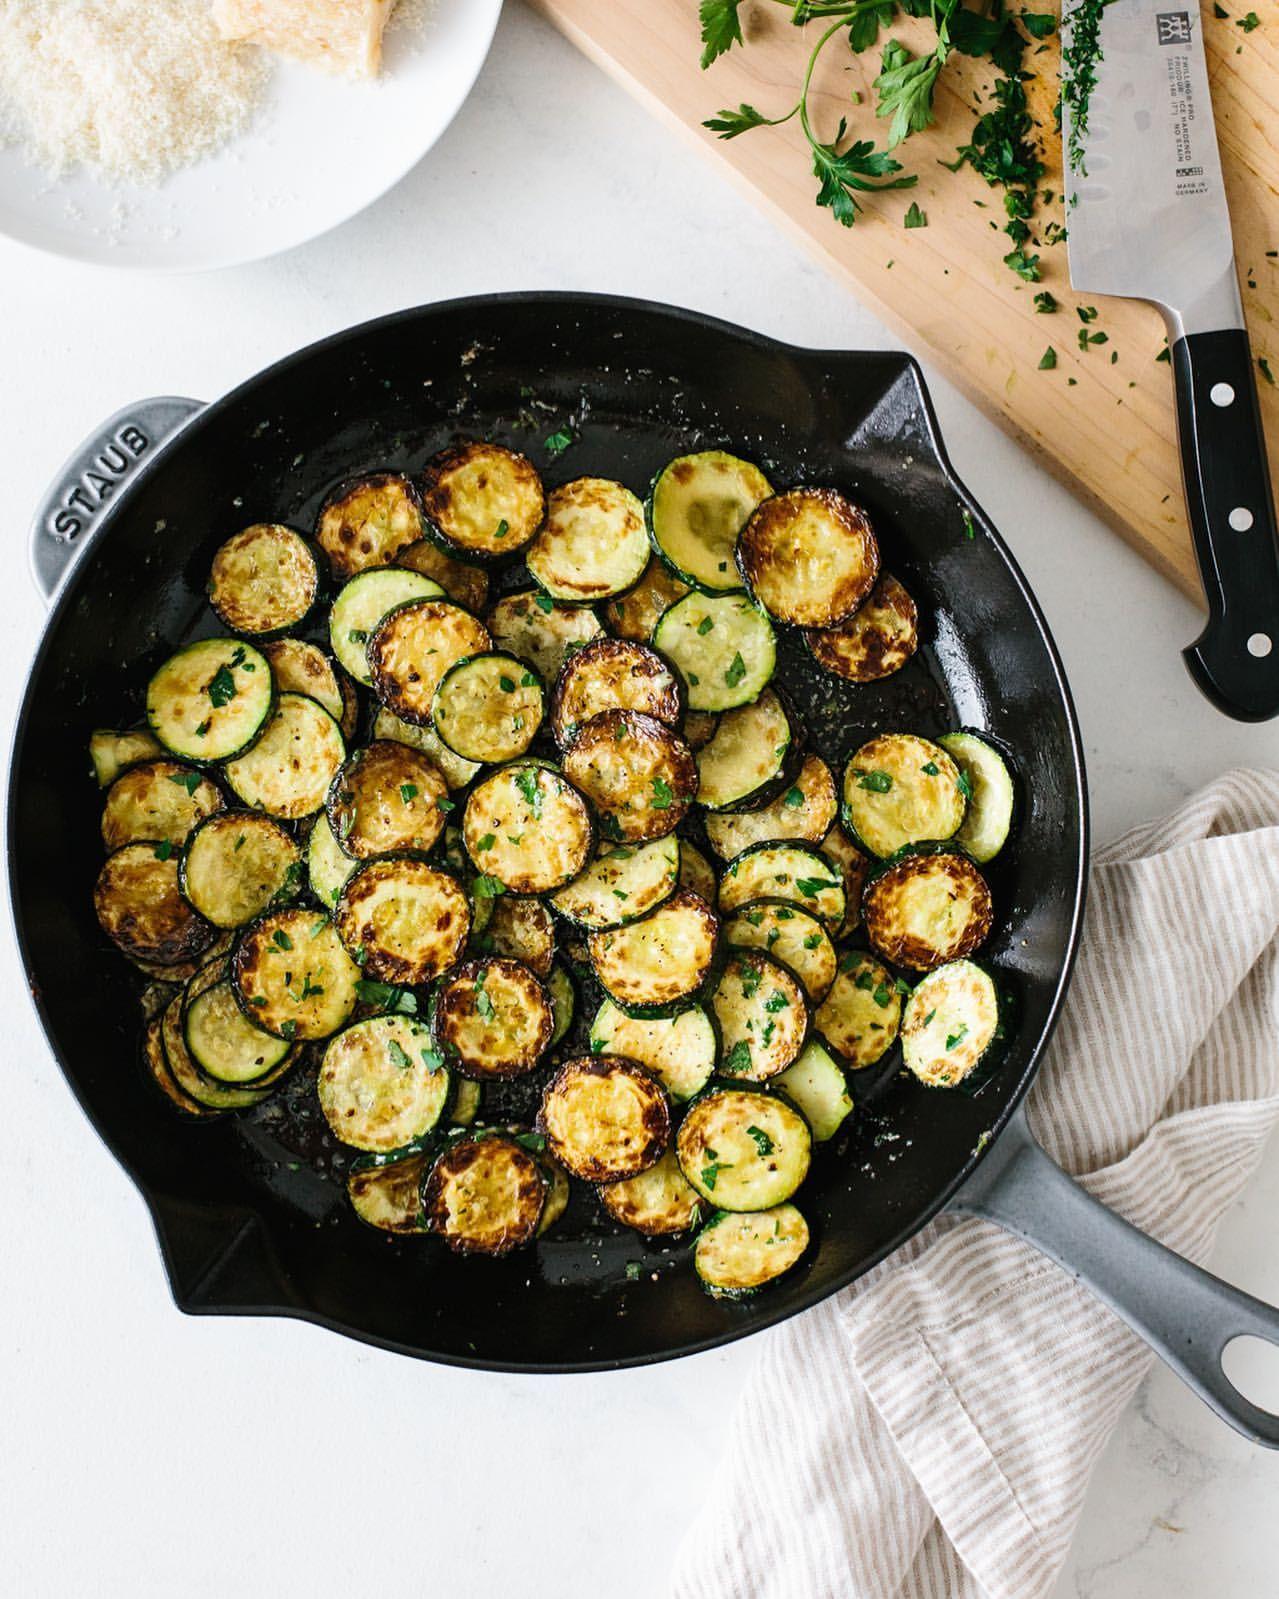 Parmesan Truffle Zucchini